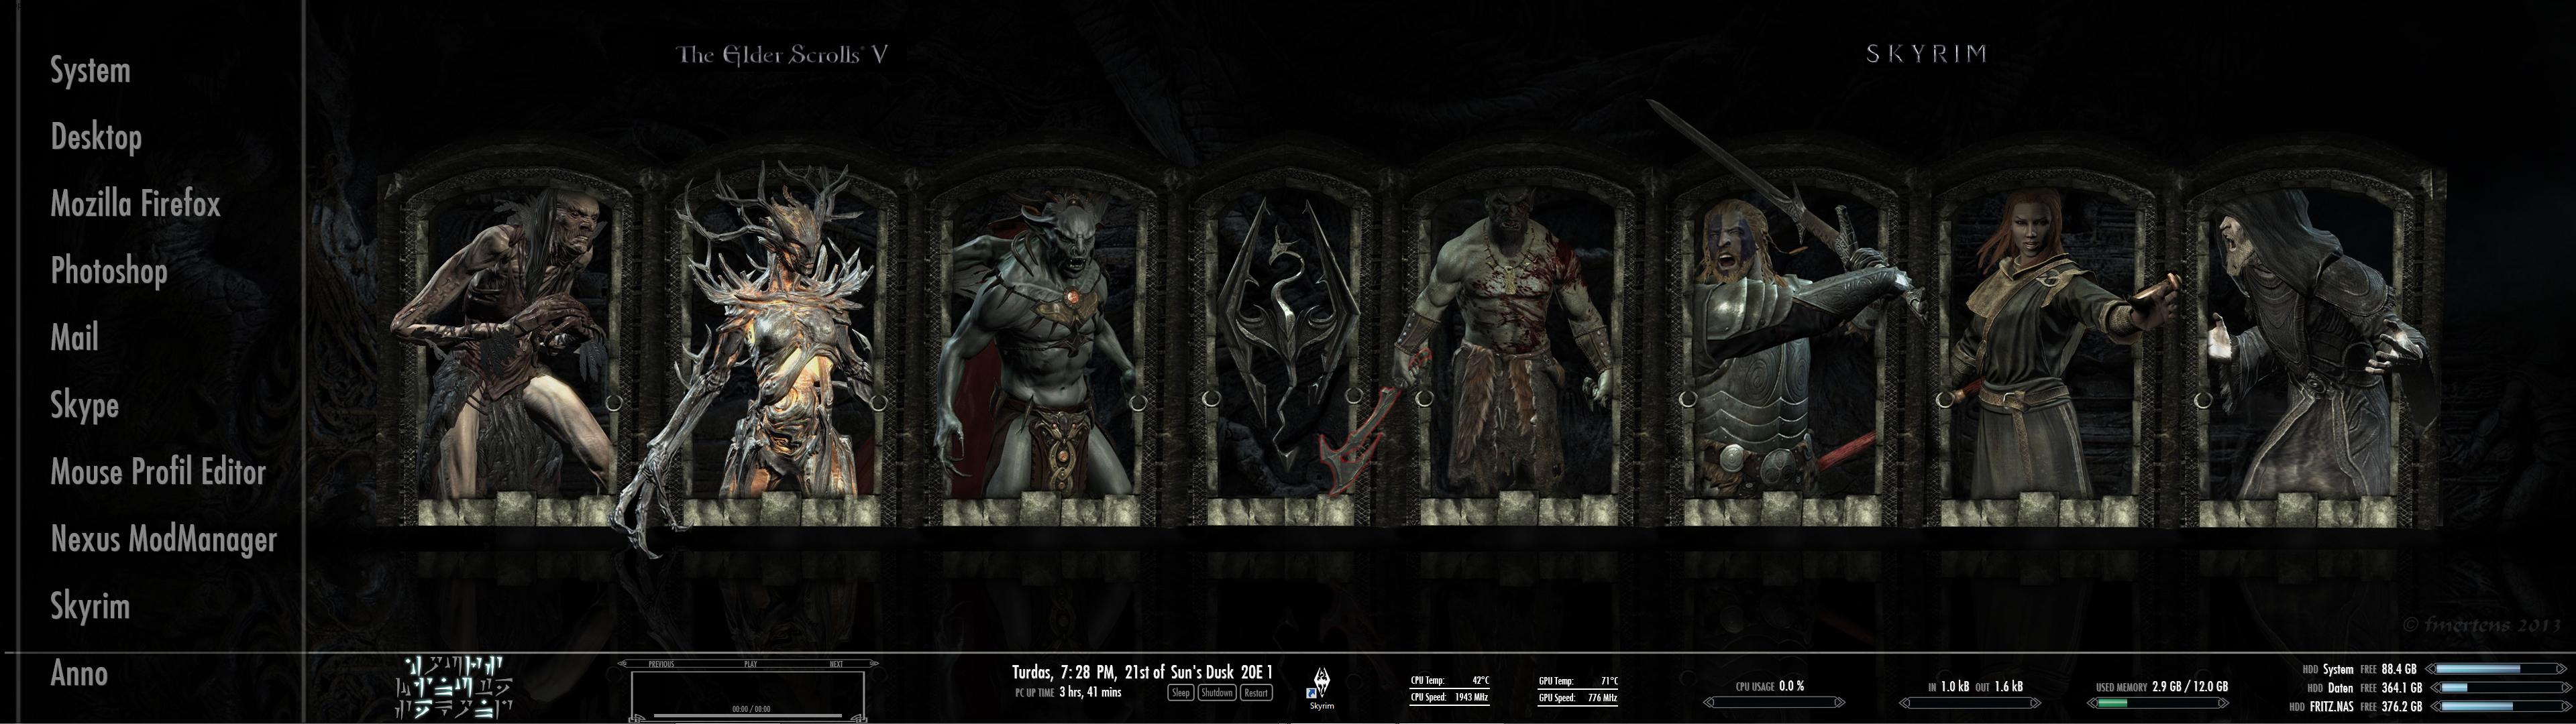 dual monitor wallpaper hd reddit